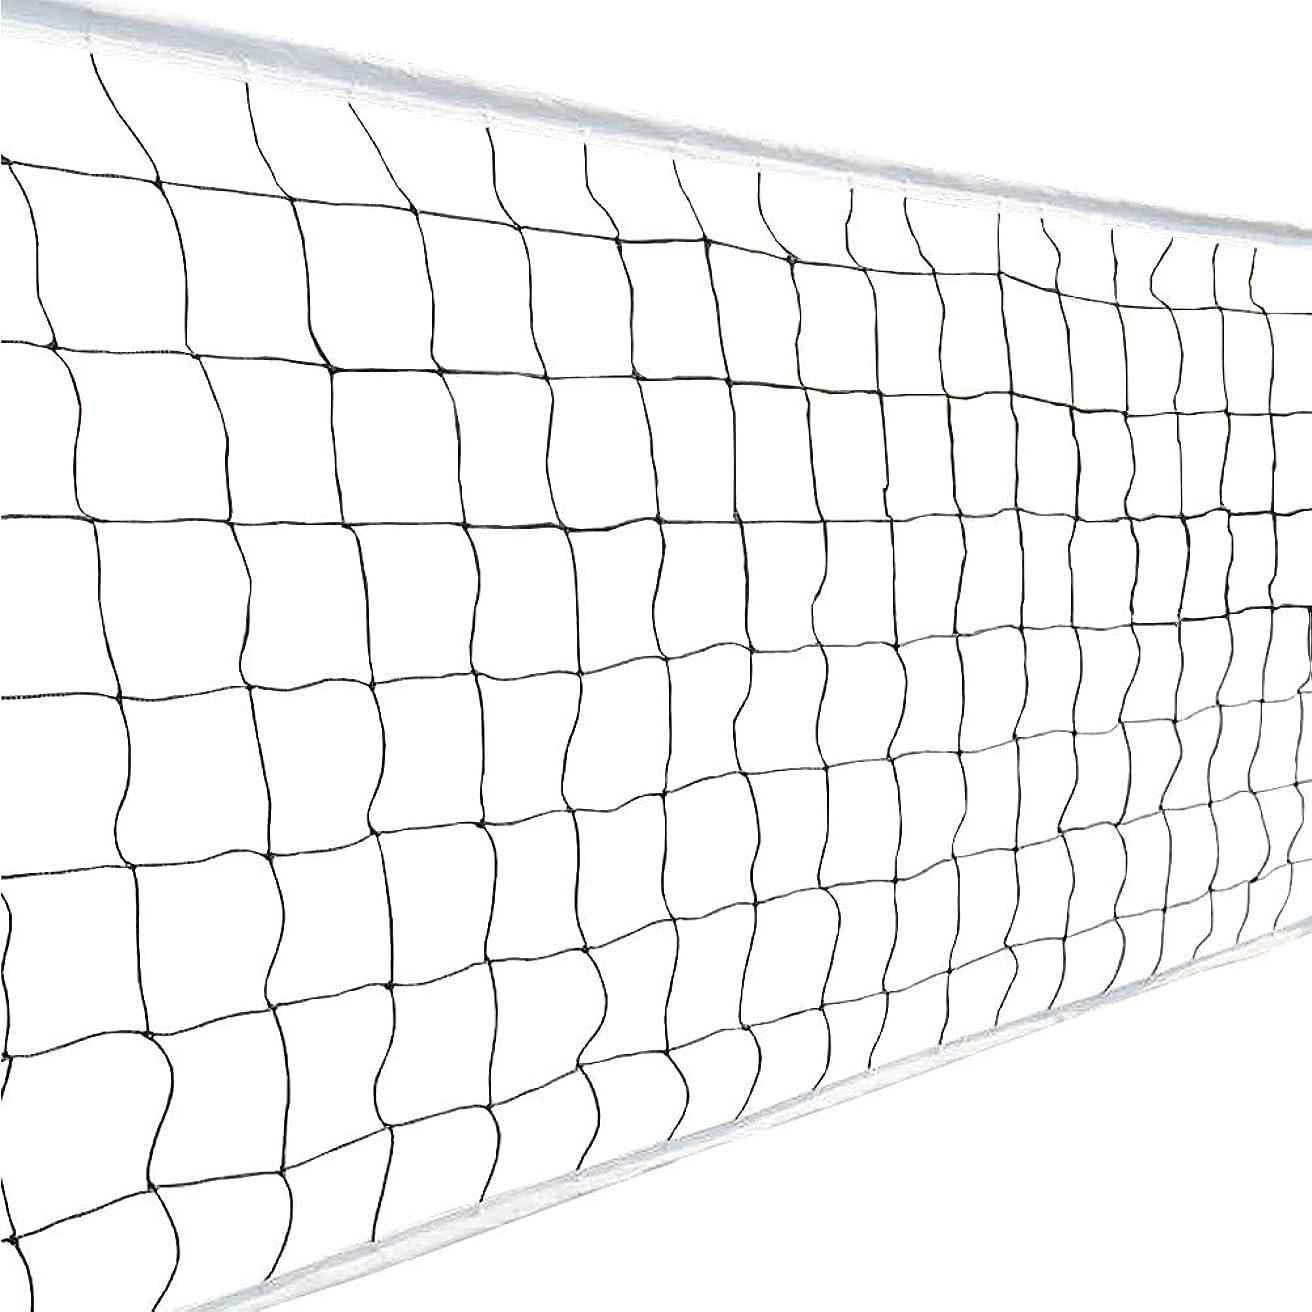 提供するモード放棄された(アワンキー) Aoneky バレーボール ネット 6人制 取り替え 組み立て簡単 携帯便利 ビーチバレー 練習用 トレーニング 試合 バッグ付き